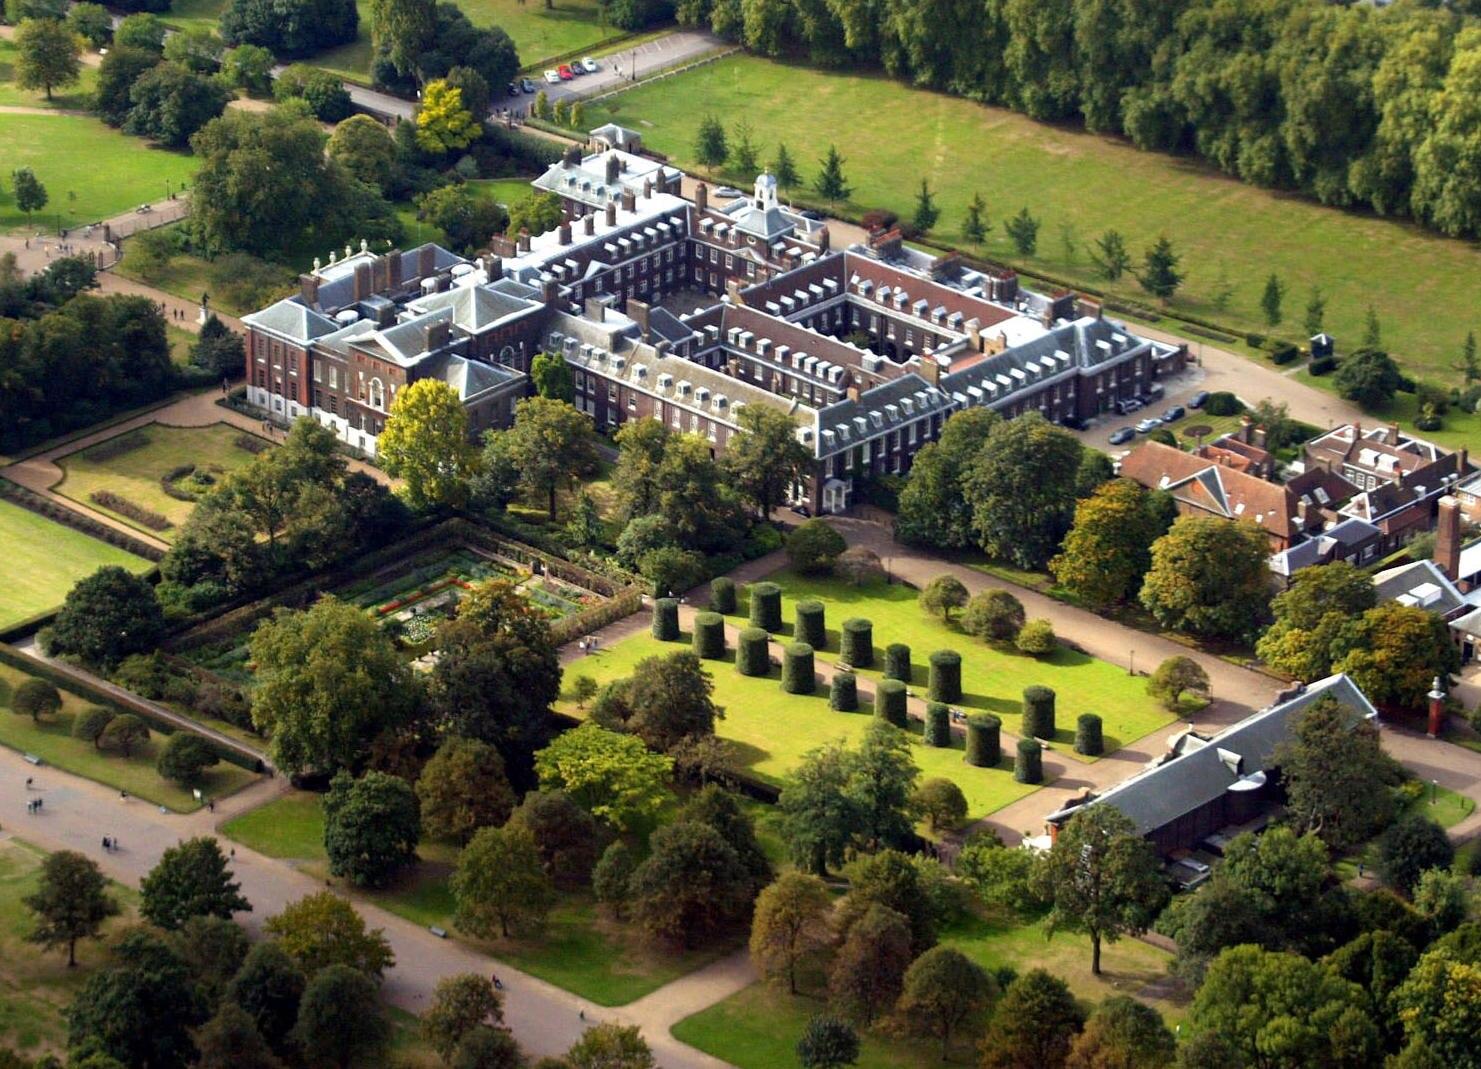 Ihr Apartment im Kensington-Palast gleicht einer Festung. Für mehr als eine halbe Million Euro ließ William modernste Sicherheitstechnik installieren. Außerdem wird das Gelände rund ums Schloss ständig von bewaffneten Polizisten kontrolliert.